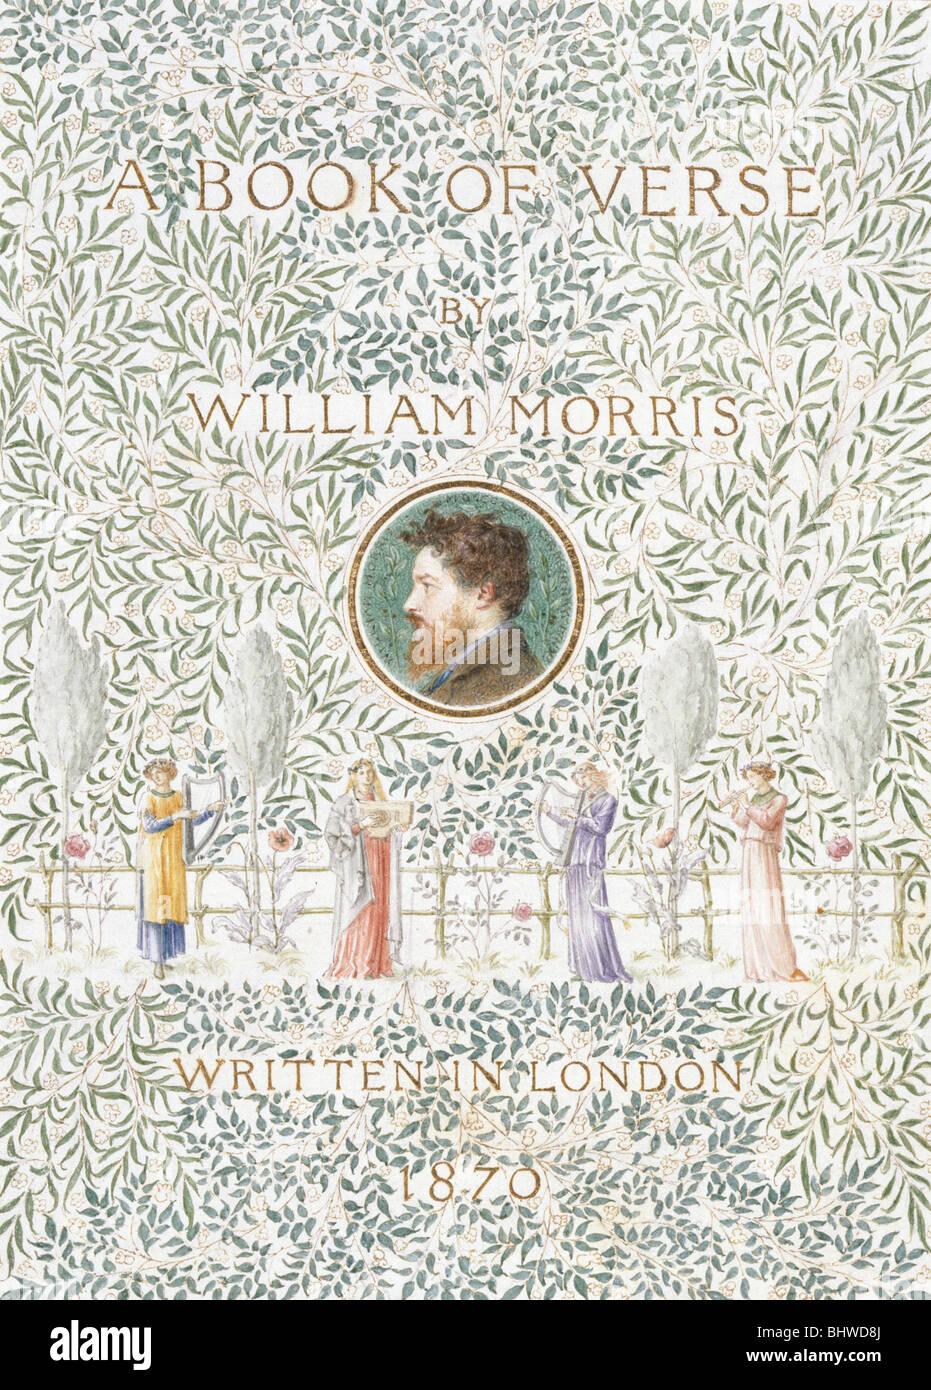 Pagina del titolo di un libro di versi, da William Morris. Londra, Inghilterra, 1870 Immagini Stock